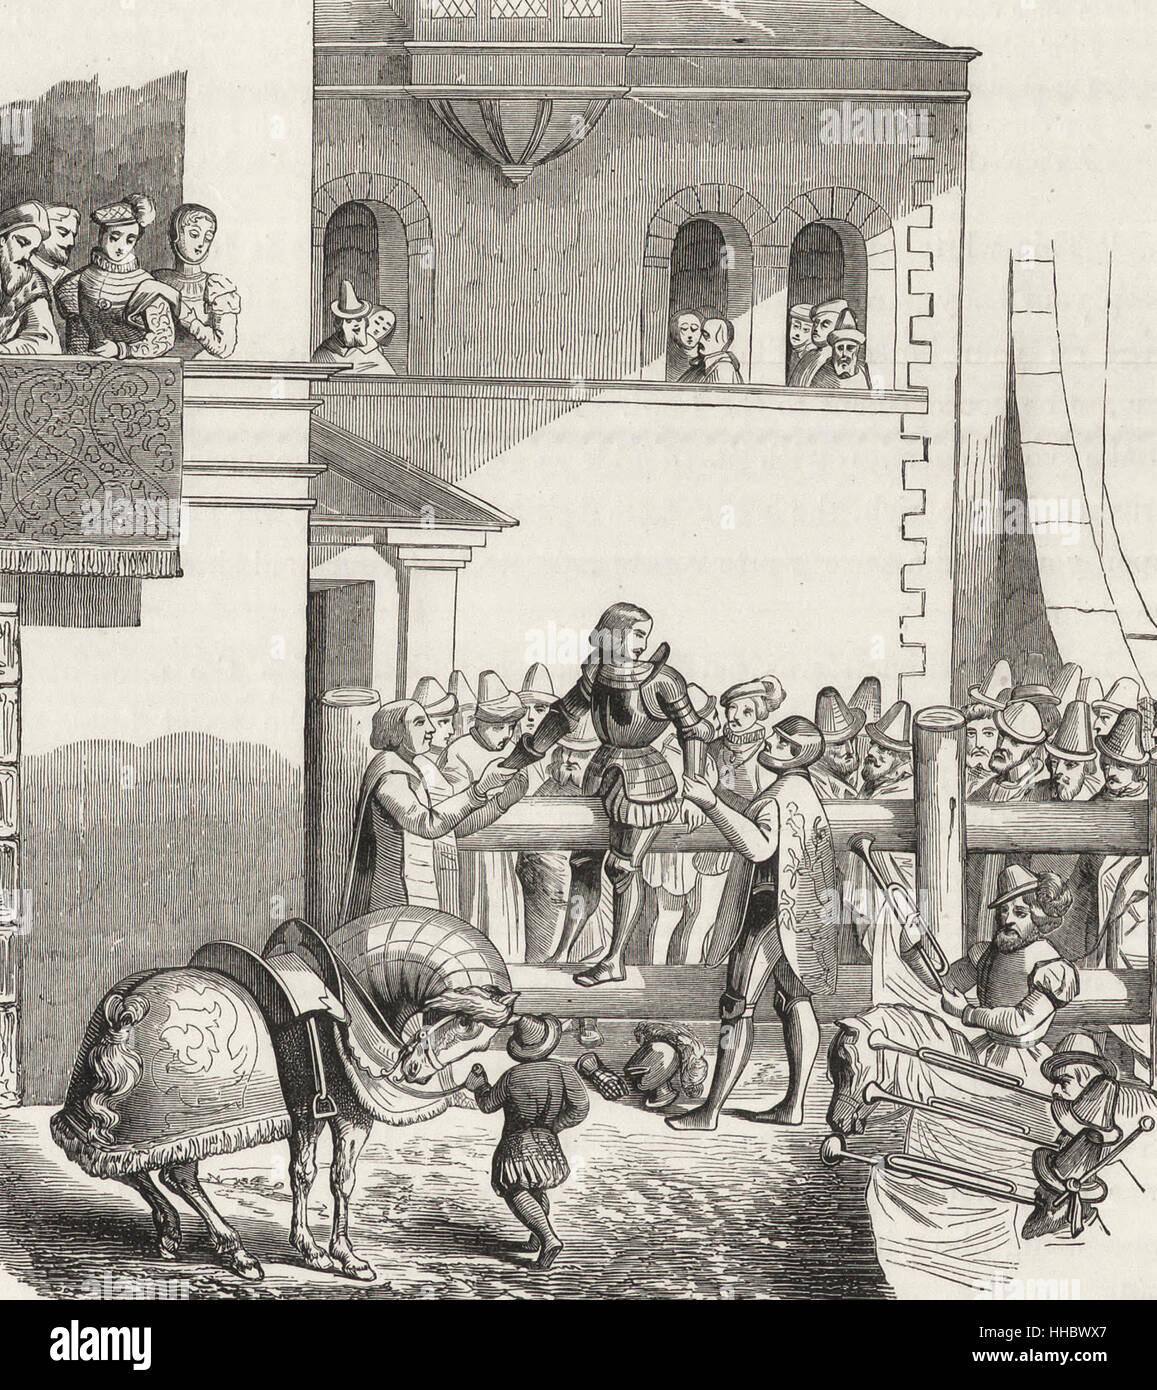 La degradazione di un Cavaliere - Un rituale in cui un cavaliere è spogliato della sua posizione a causa di Immagini Stock